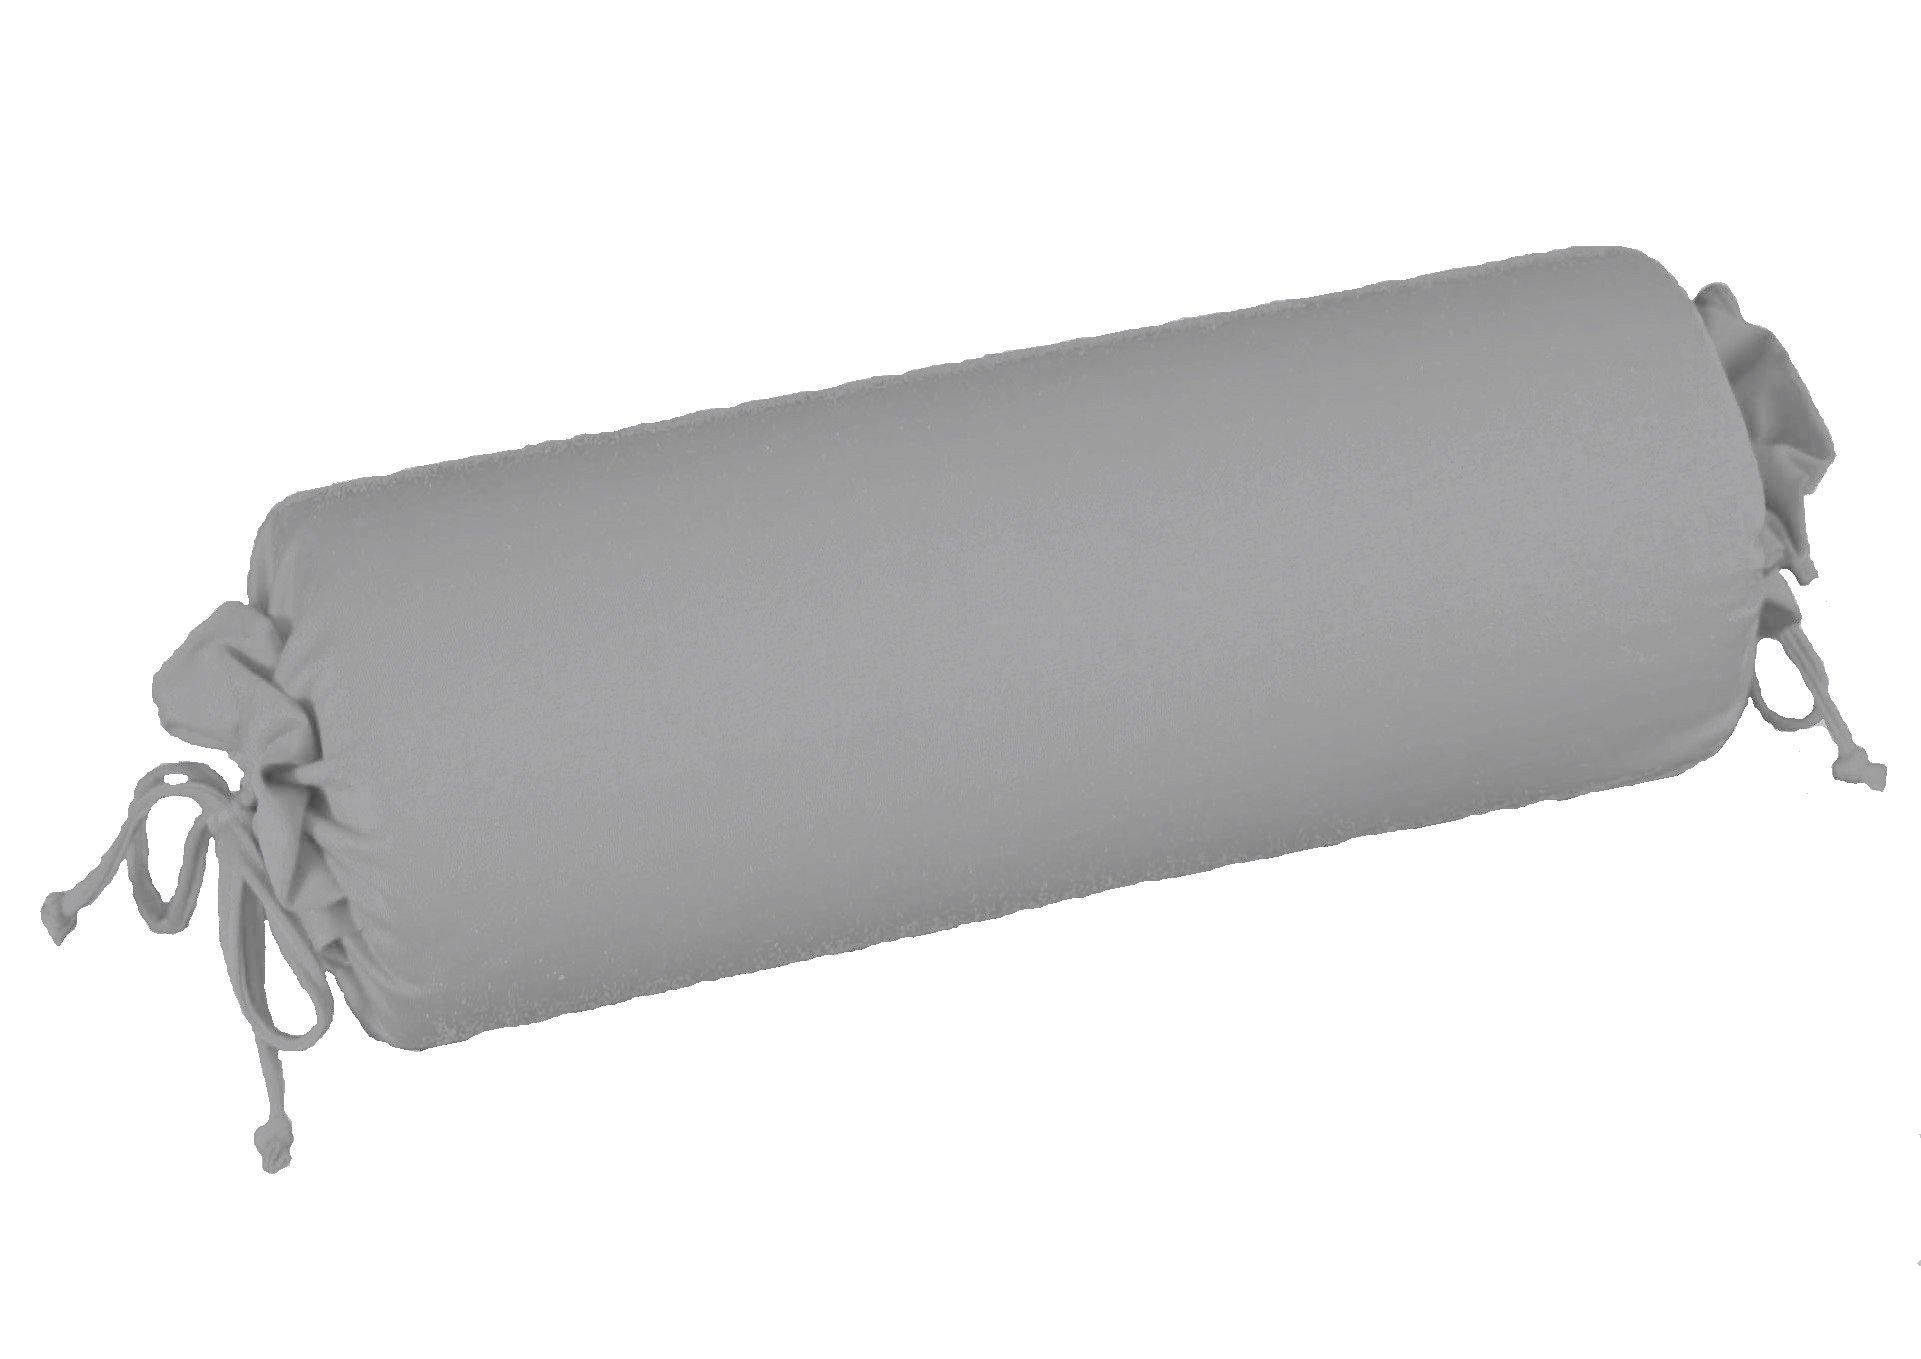 K.-Bezug platin 15x40cm